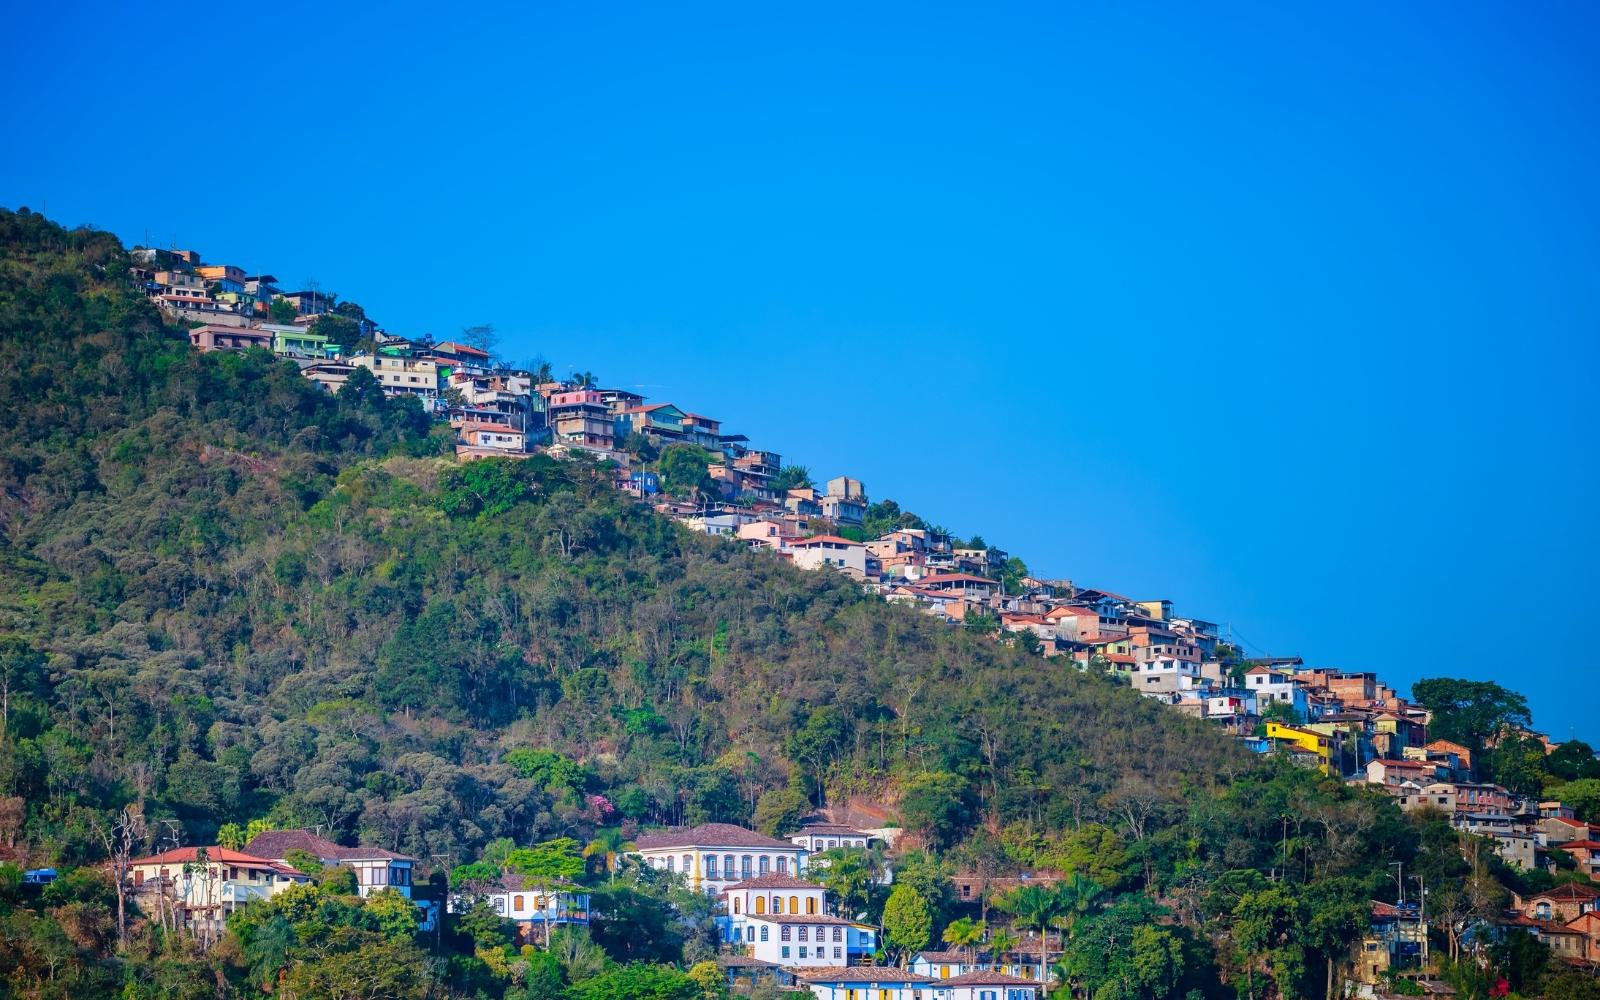 Ouro Preto - Foto: Biblioteca de imagens do Canva